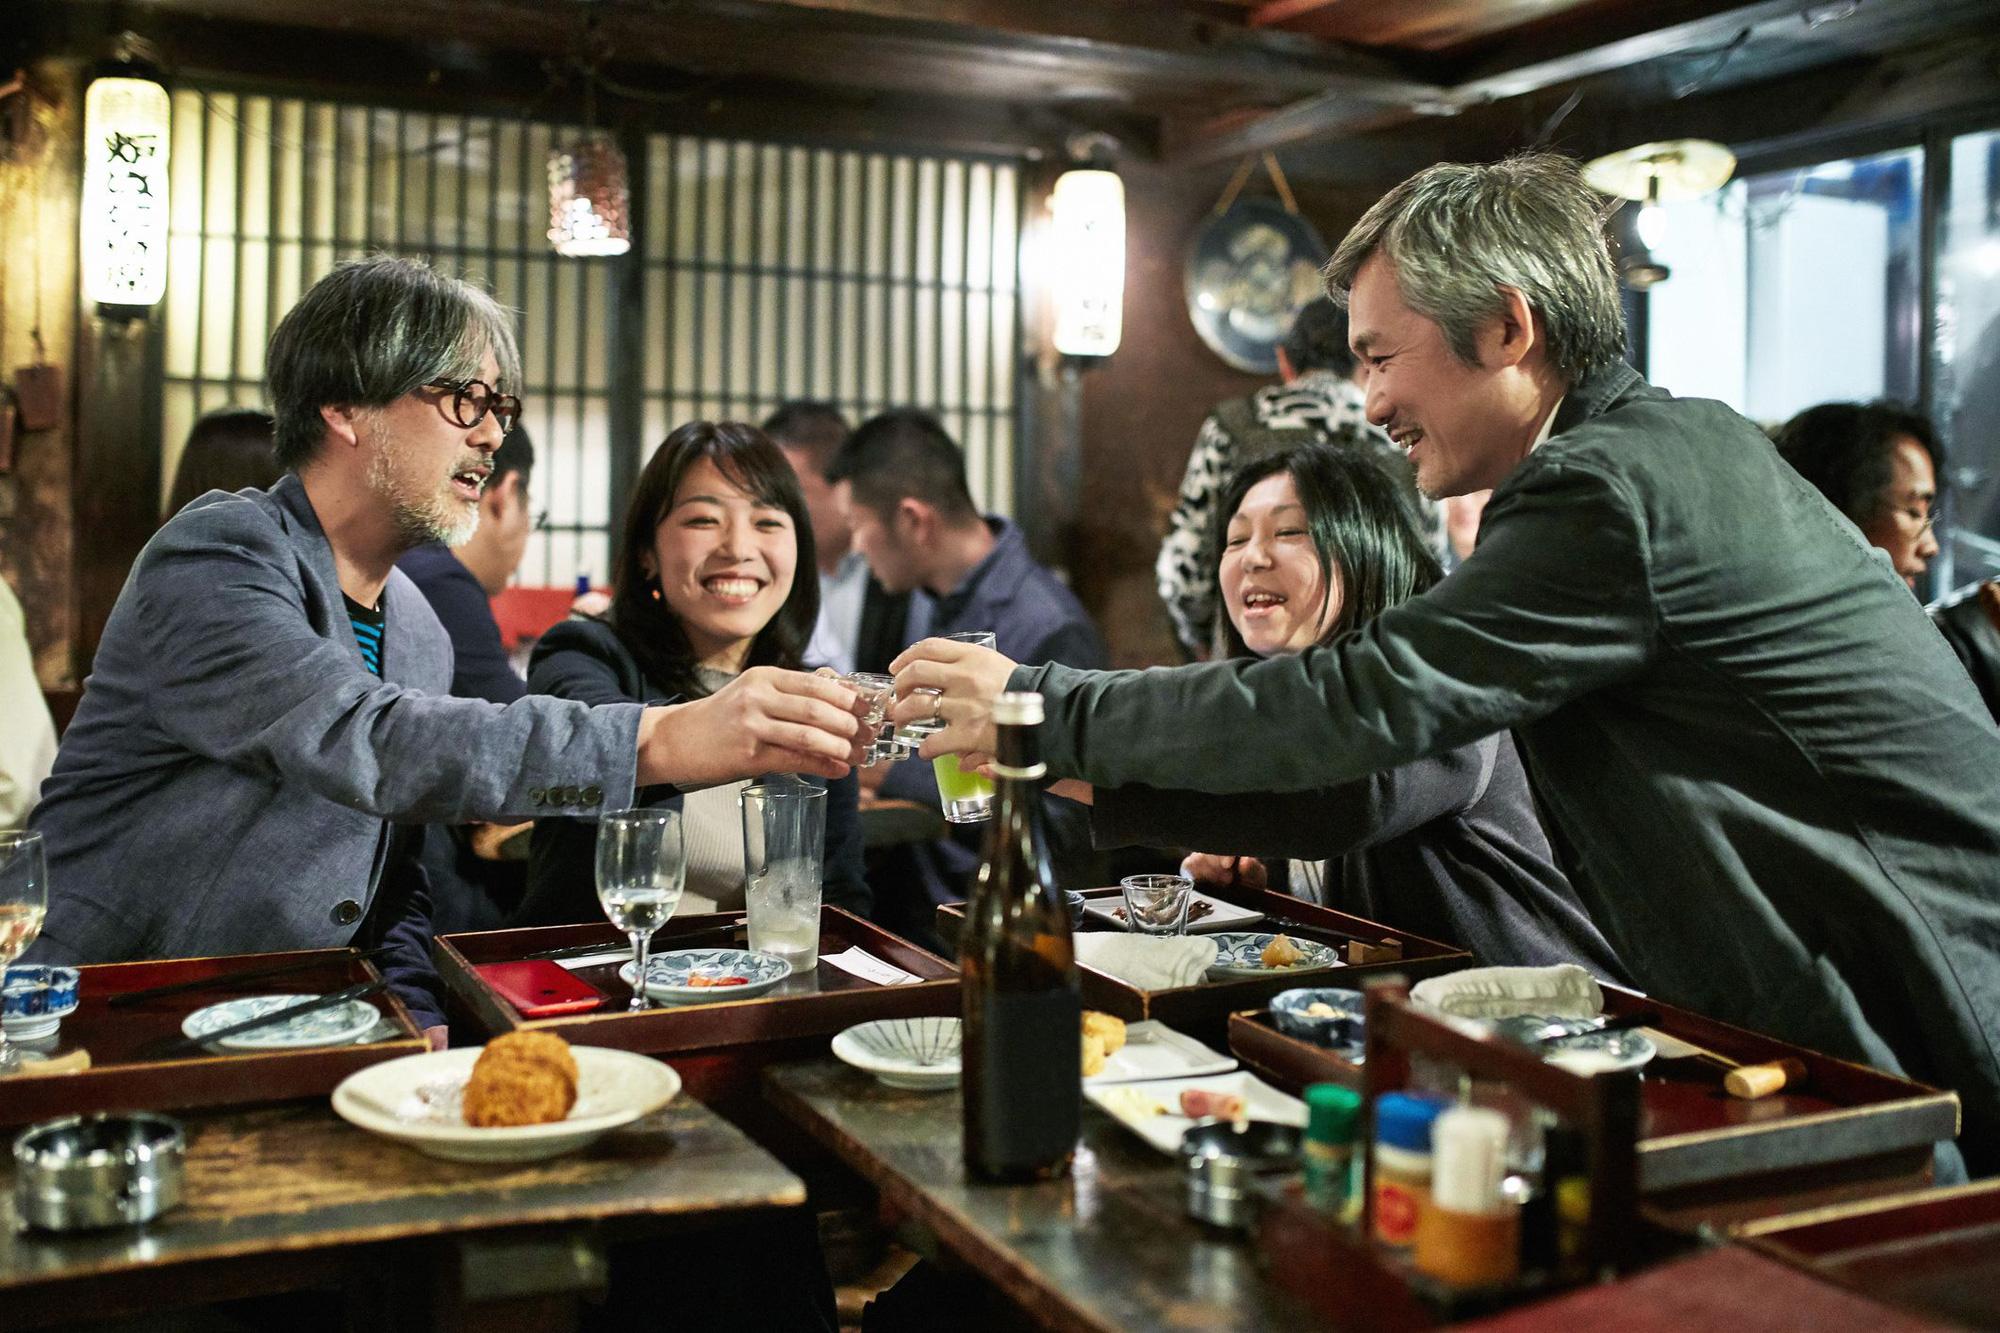 Văn hóa Nomikai hay những câu chuyện xấu hổ đáng quên trên bàn nhậu của dân công sở Nhật Bản - Ảnh 4.